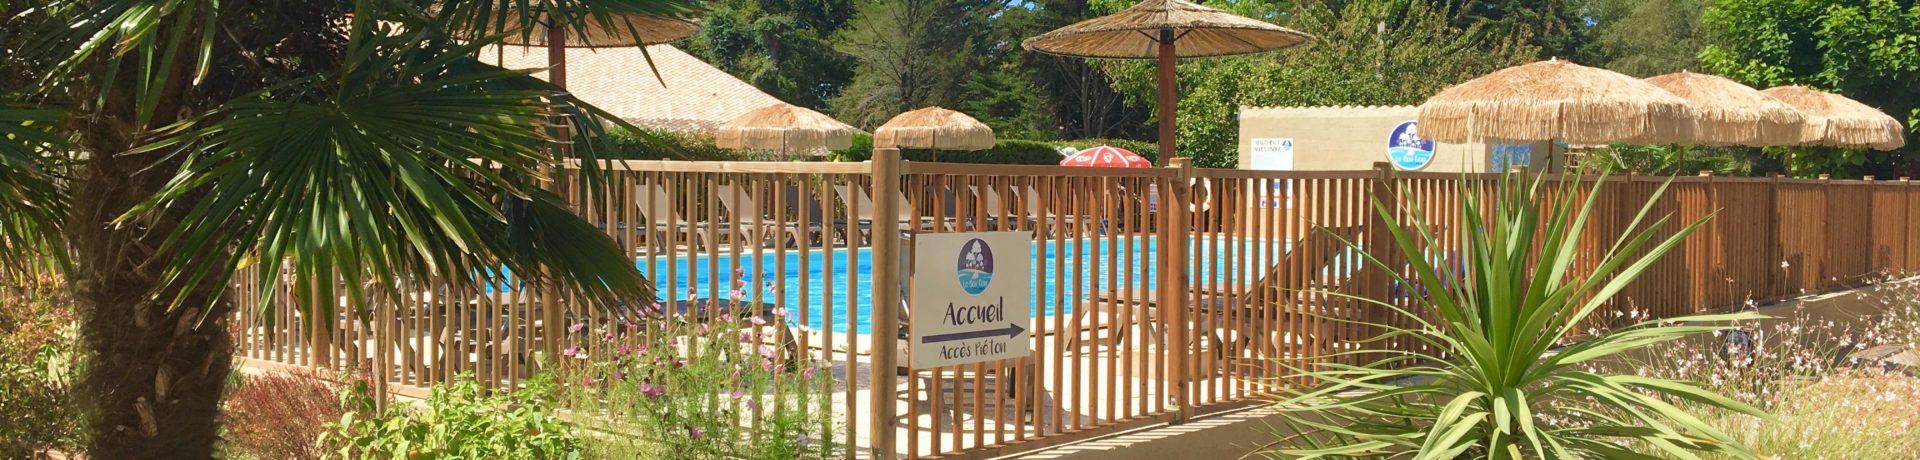 Camping Le Bon Coin in Hourtin ligt op slechts3 km van het meer van Hourtin en Carcans op een paar minuten van de de stranden van de Côte d'Argent.